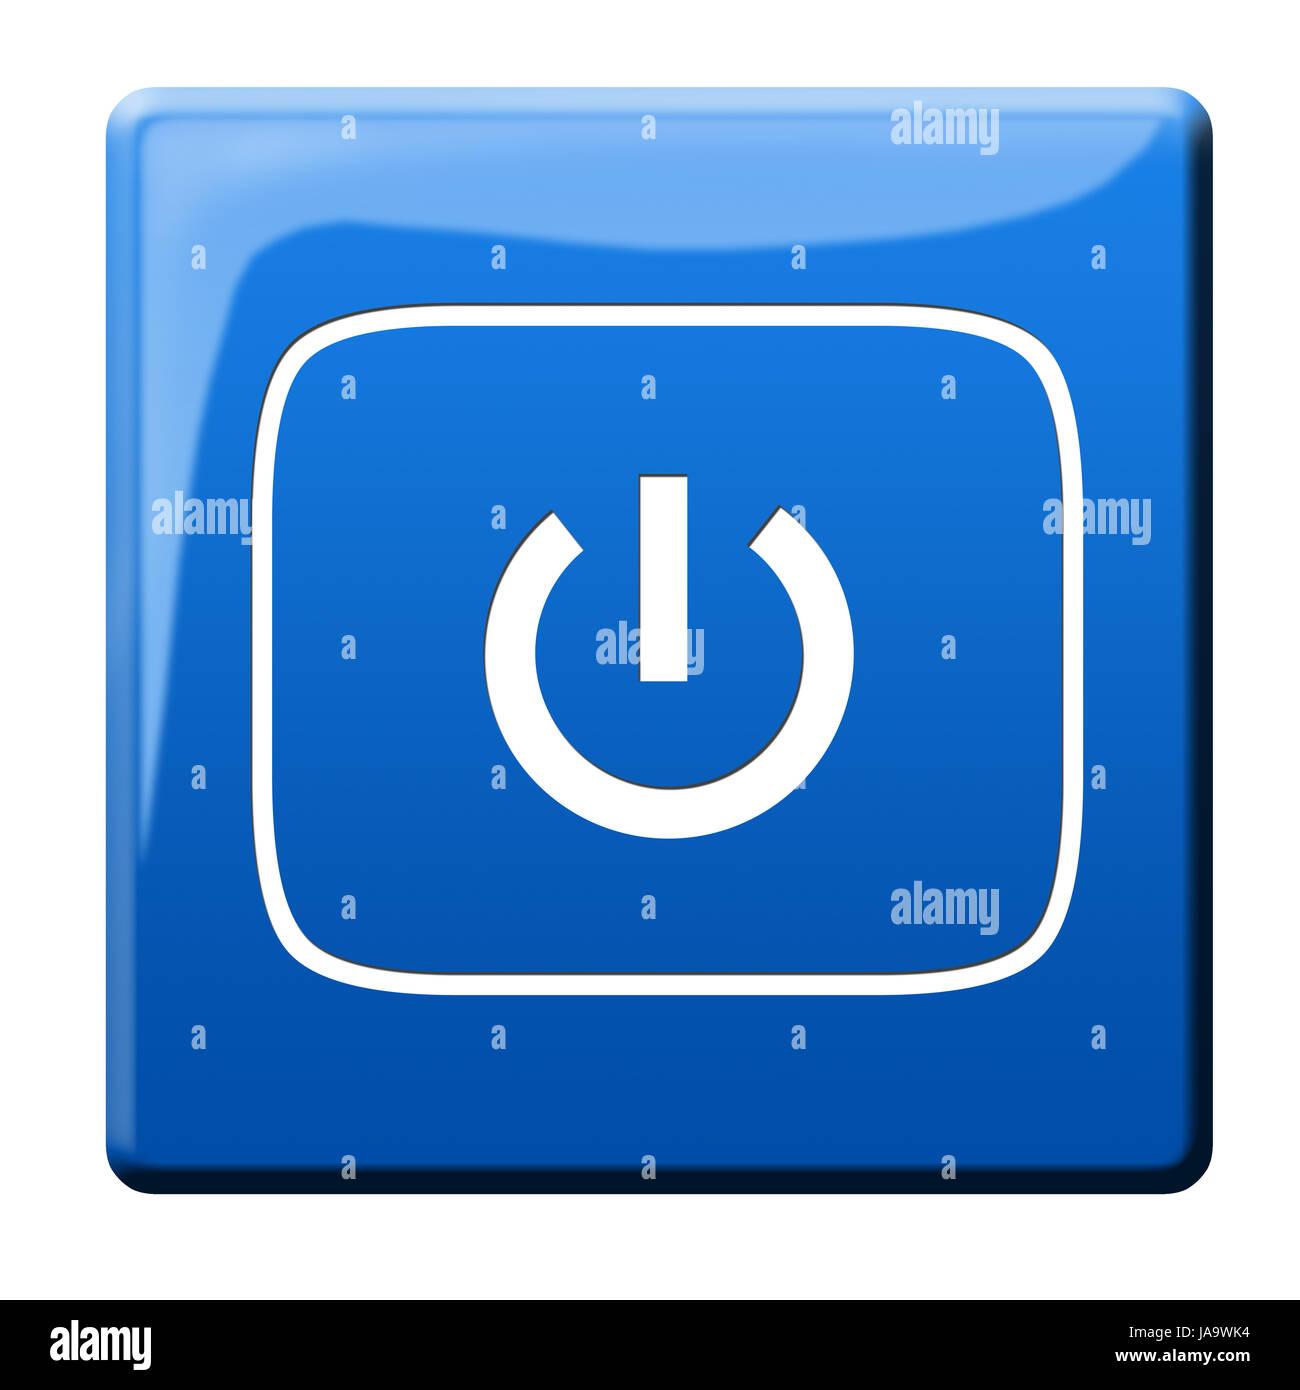 Tolle Elektrisches Symbol Für Sicherung Ideen - Elektrische ...